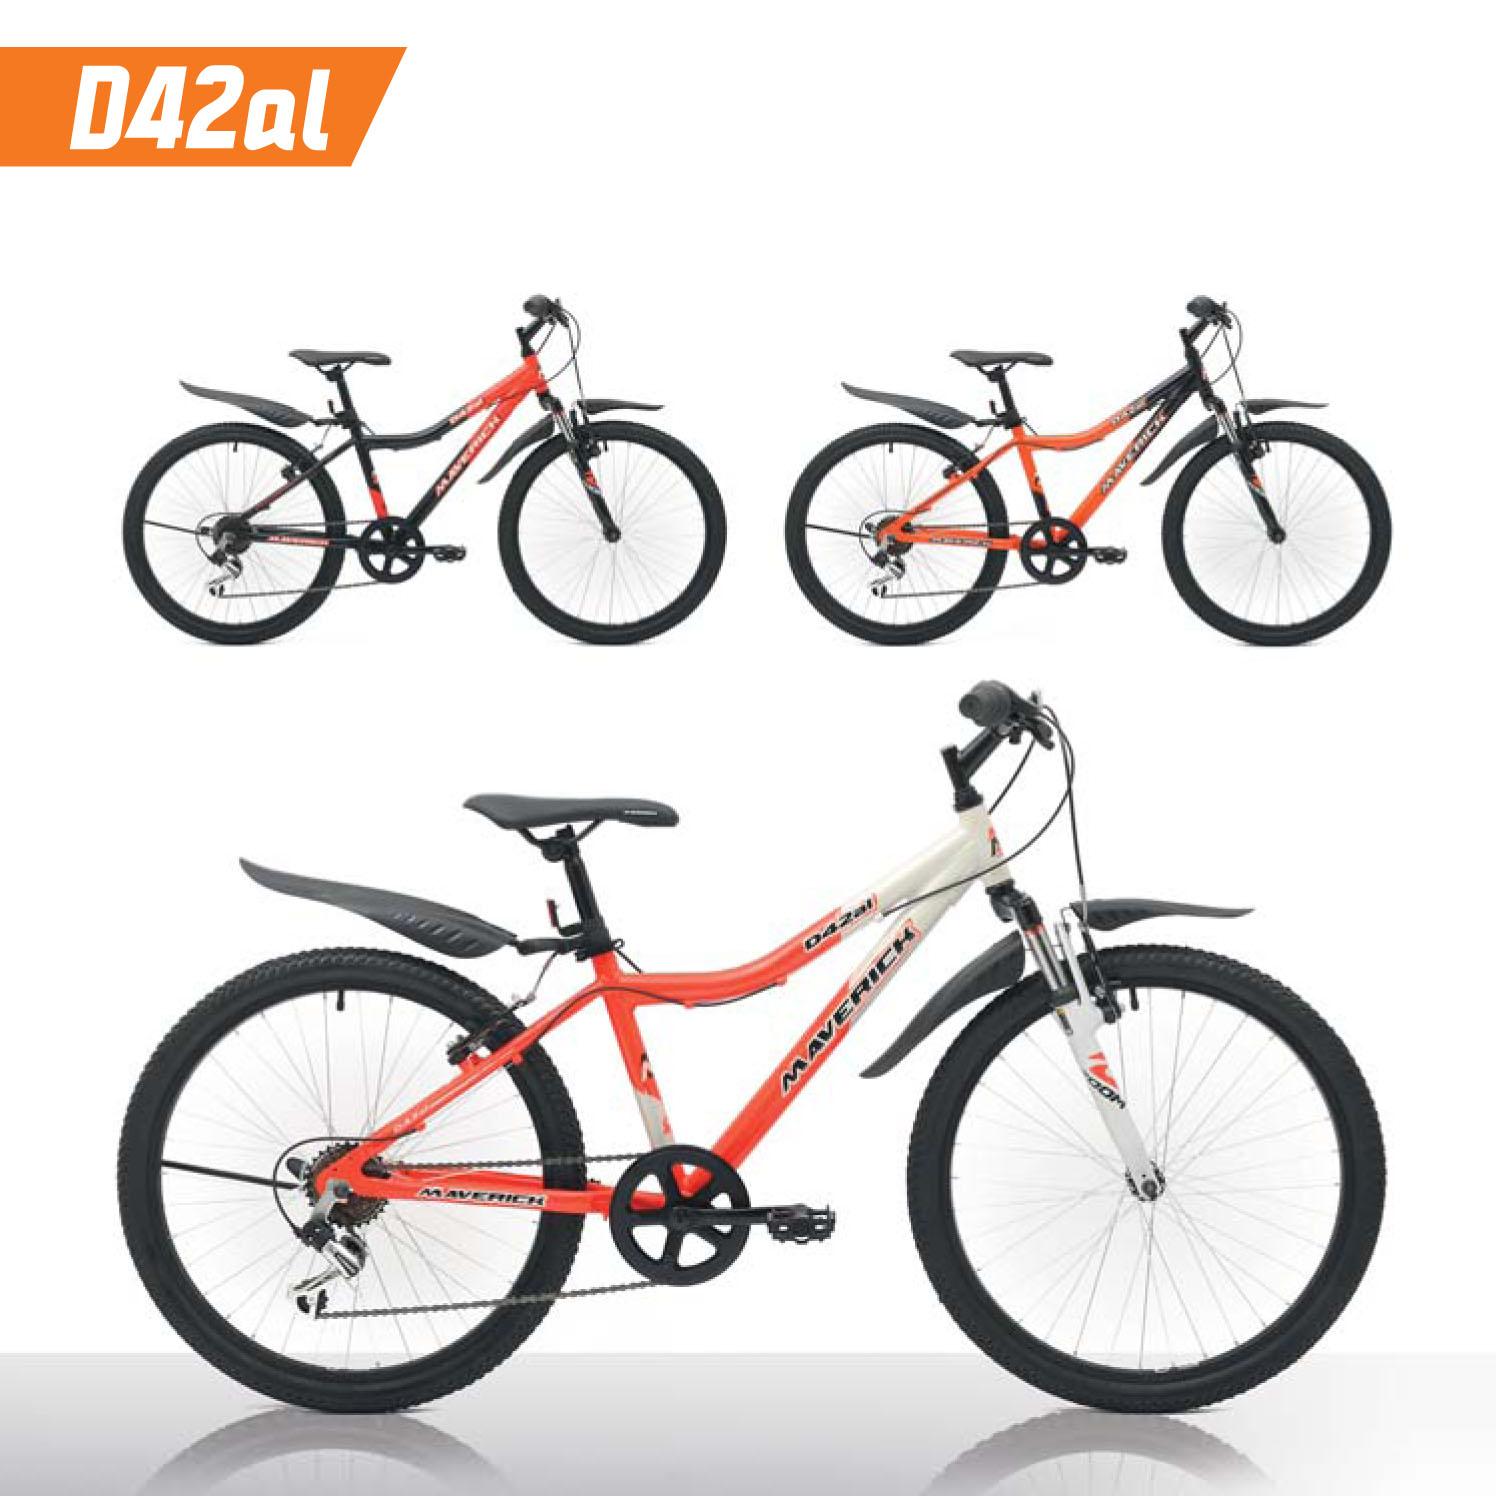 """Велосипед Maverick 24"""" D42AL,горный,v-brake,рама 14 Alloy, 6-ск,матово-оранжевый+черный"""